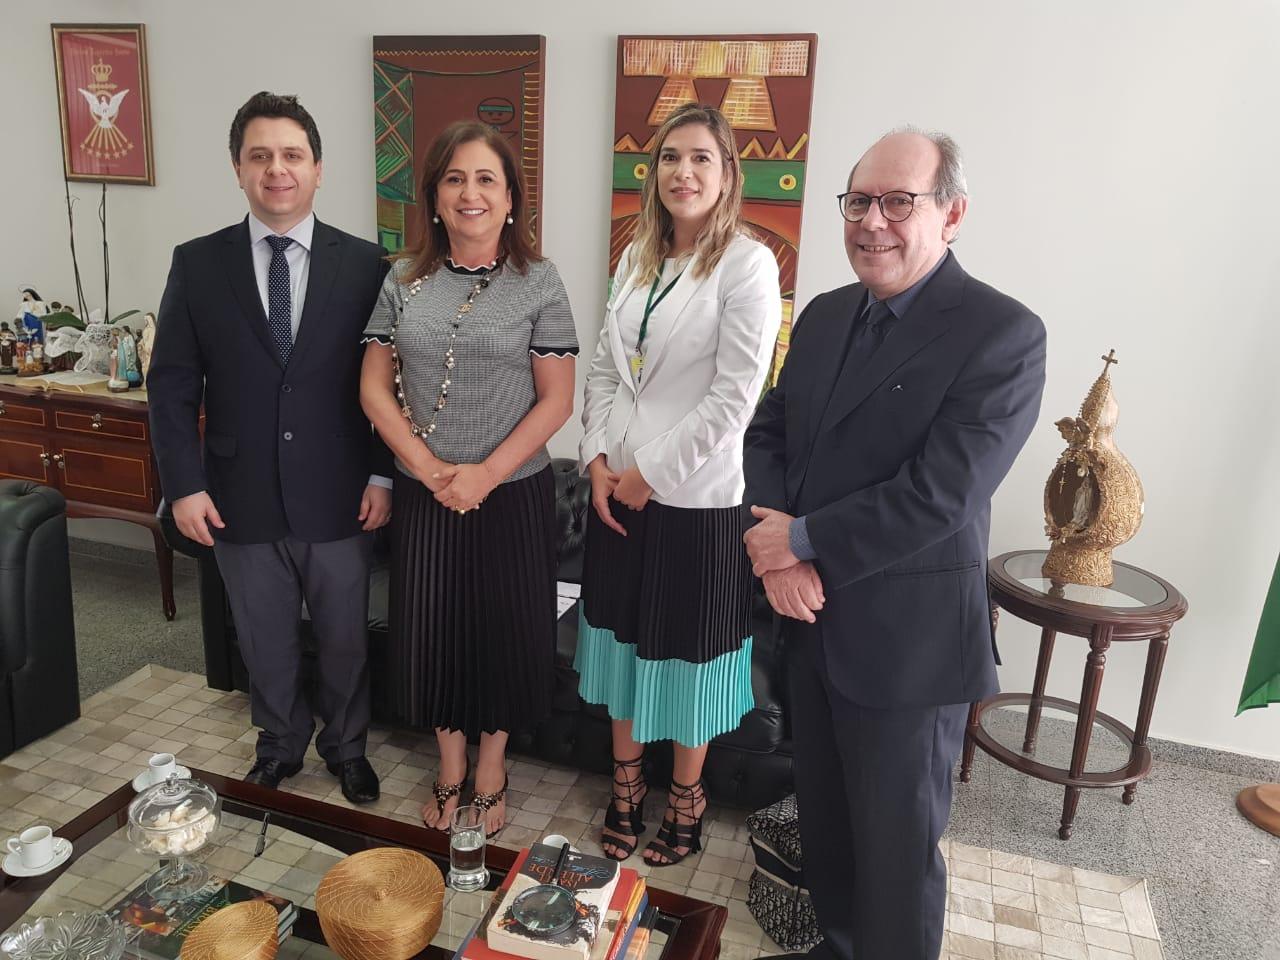 Tiago Dimas apresenta pedido de audiência pública para debater situação dos voos no Brasil, critica preços e participa de negociação em prol de Araguaína